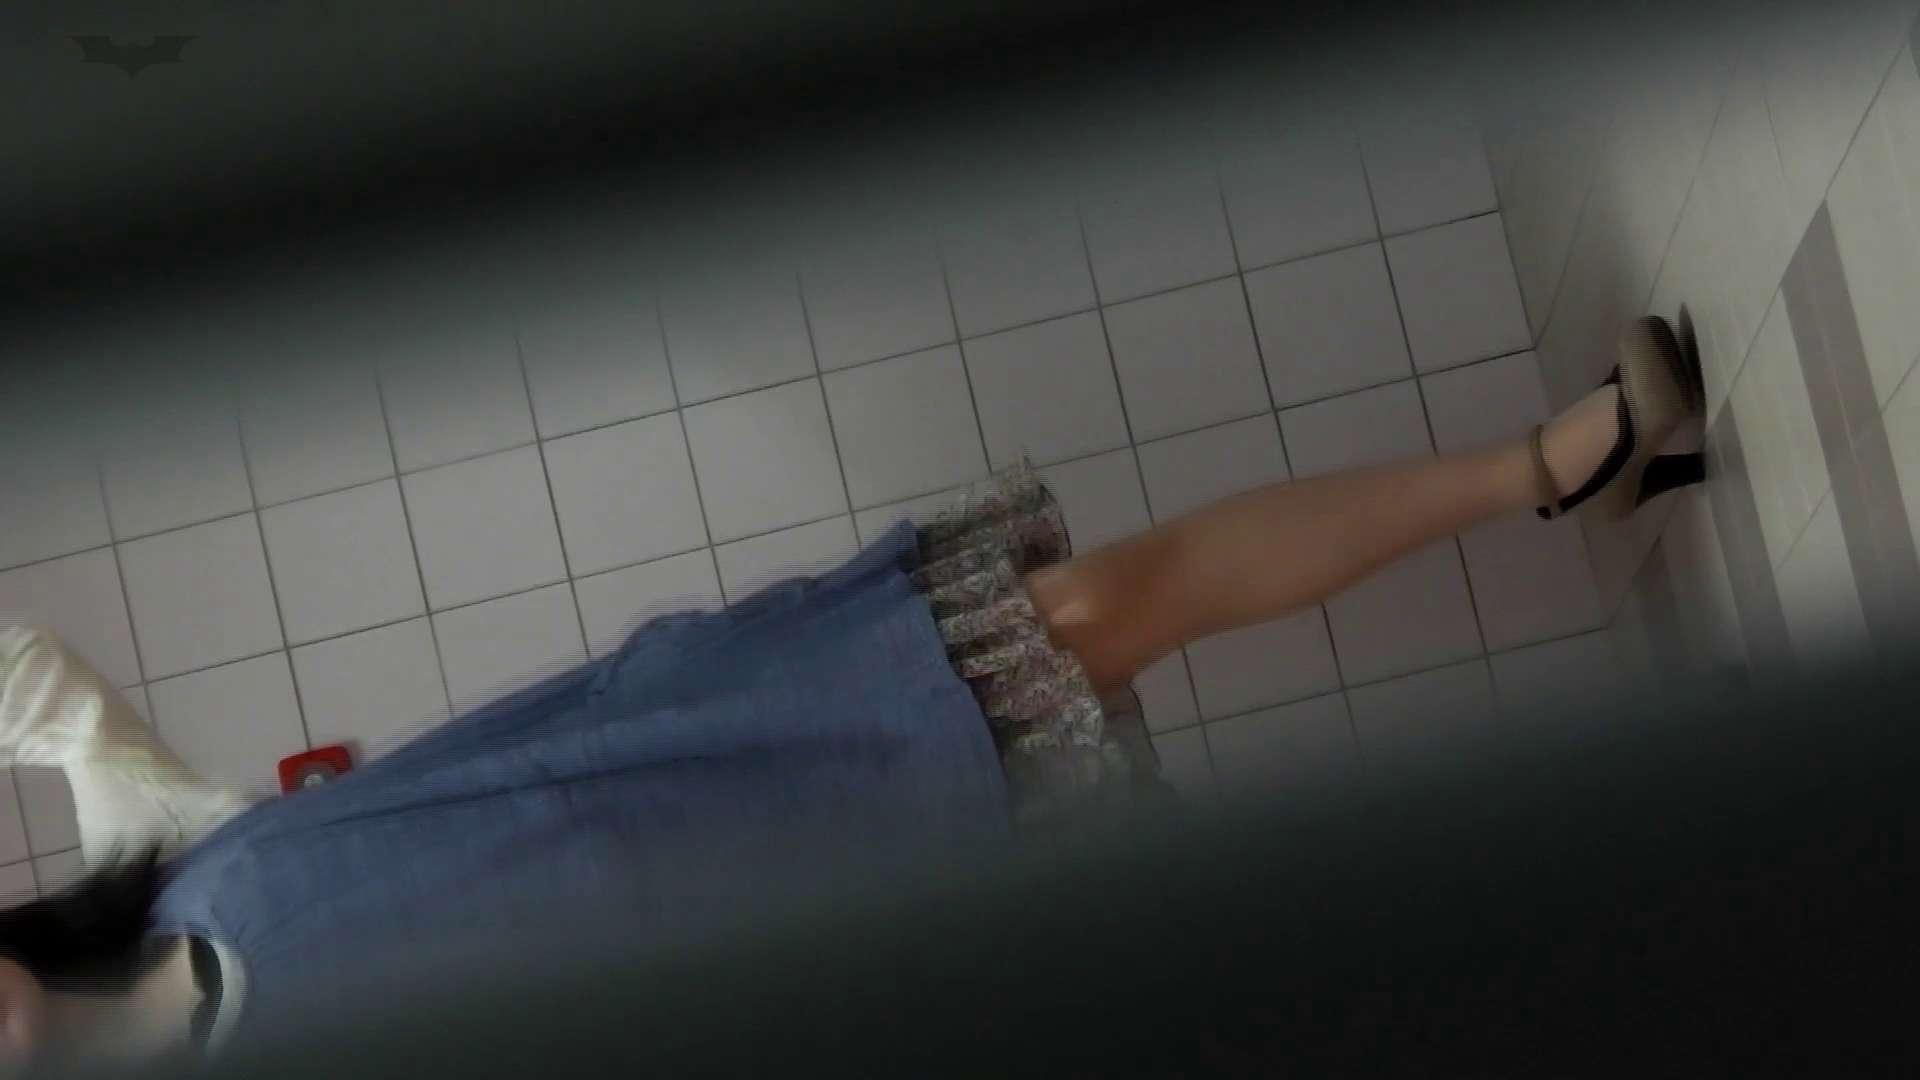 美しい日本の未来 No.29 豹柄サンダルは便秘気味??? おまんこ  109pic 4